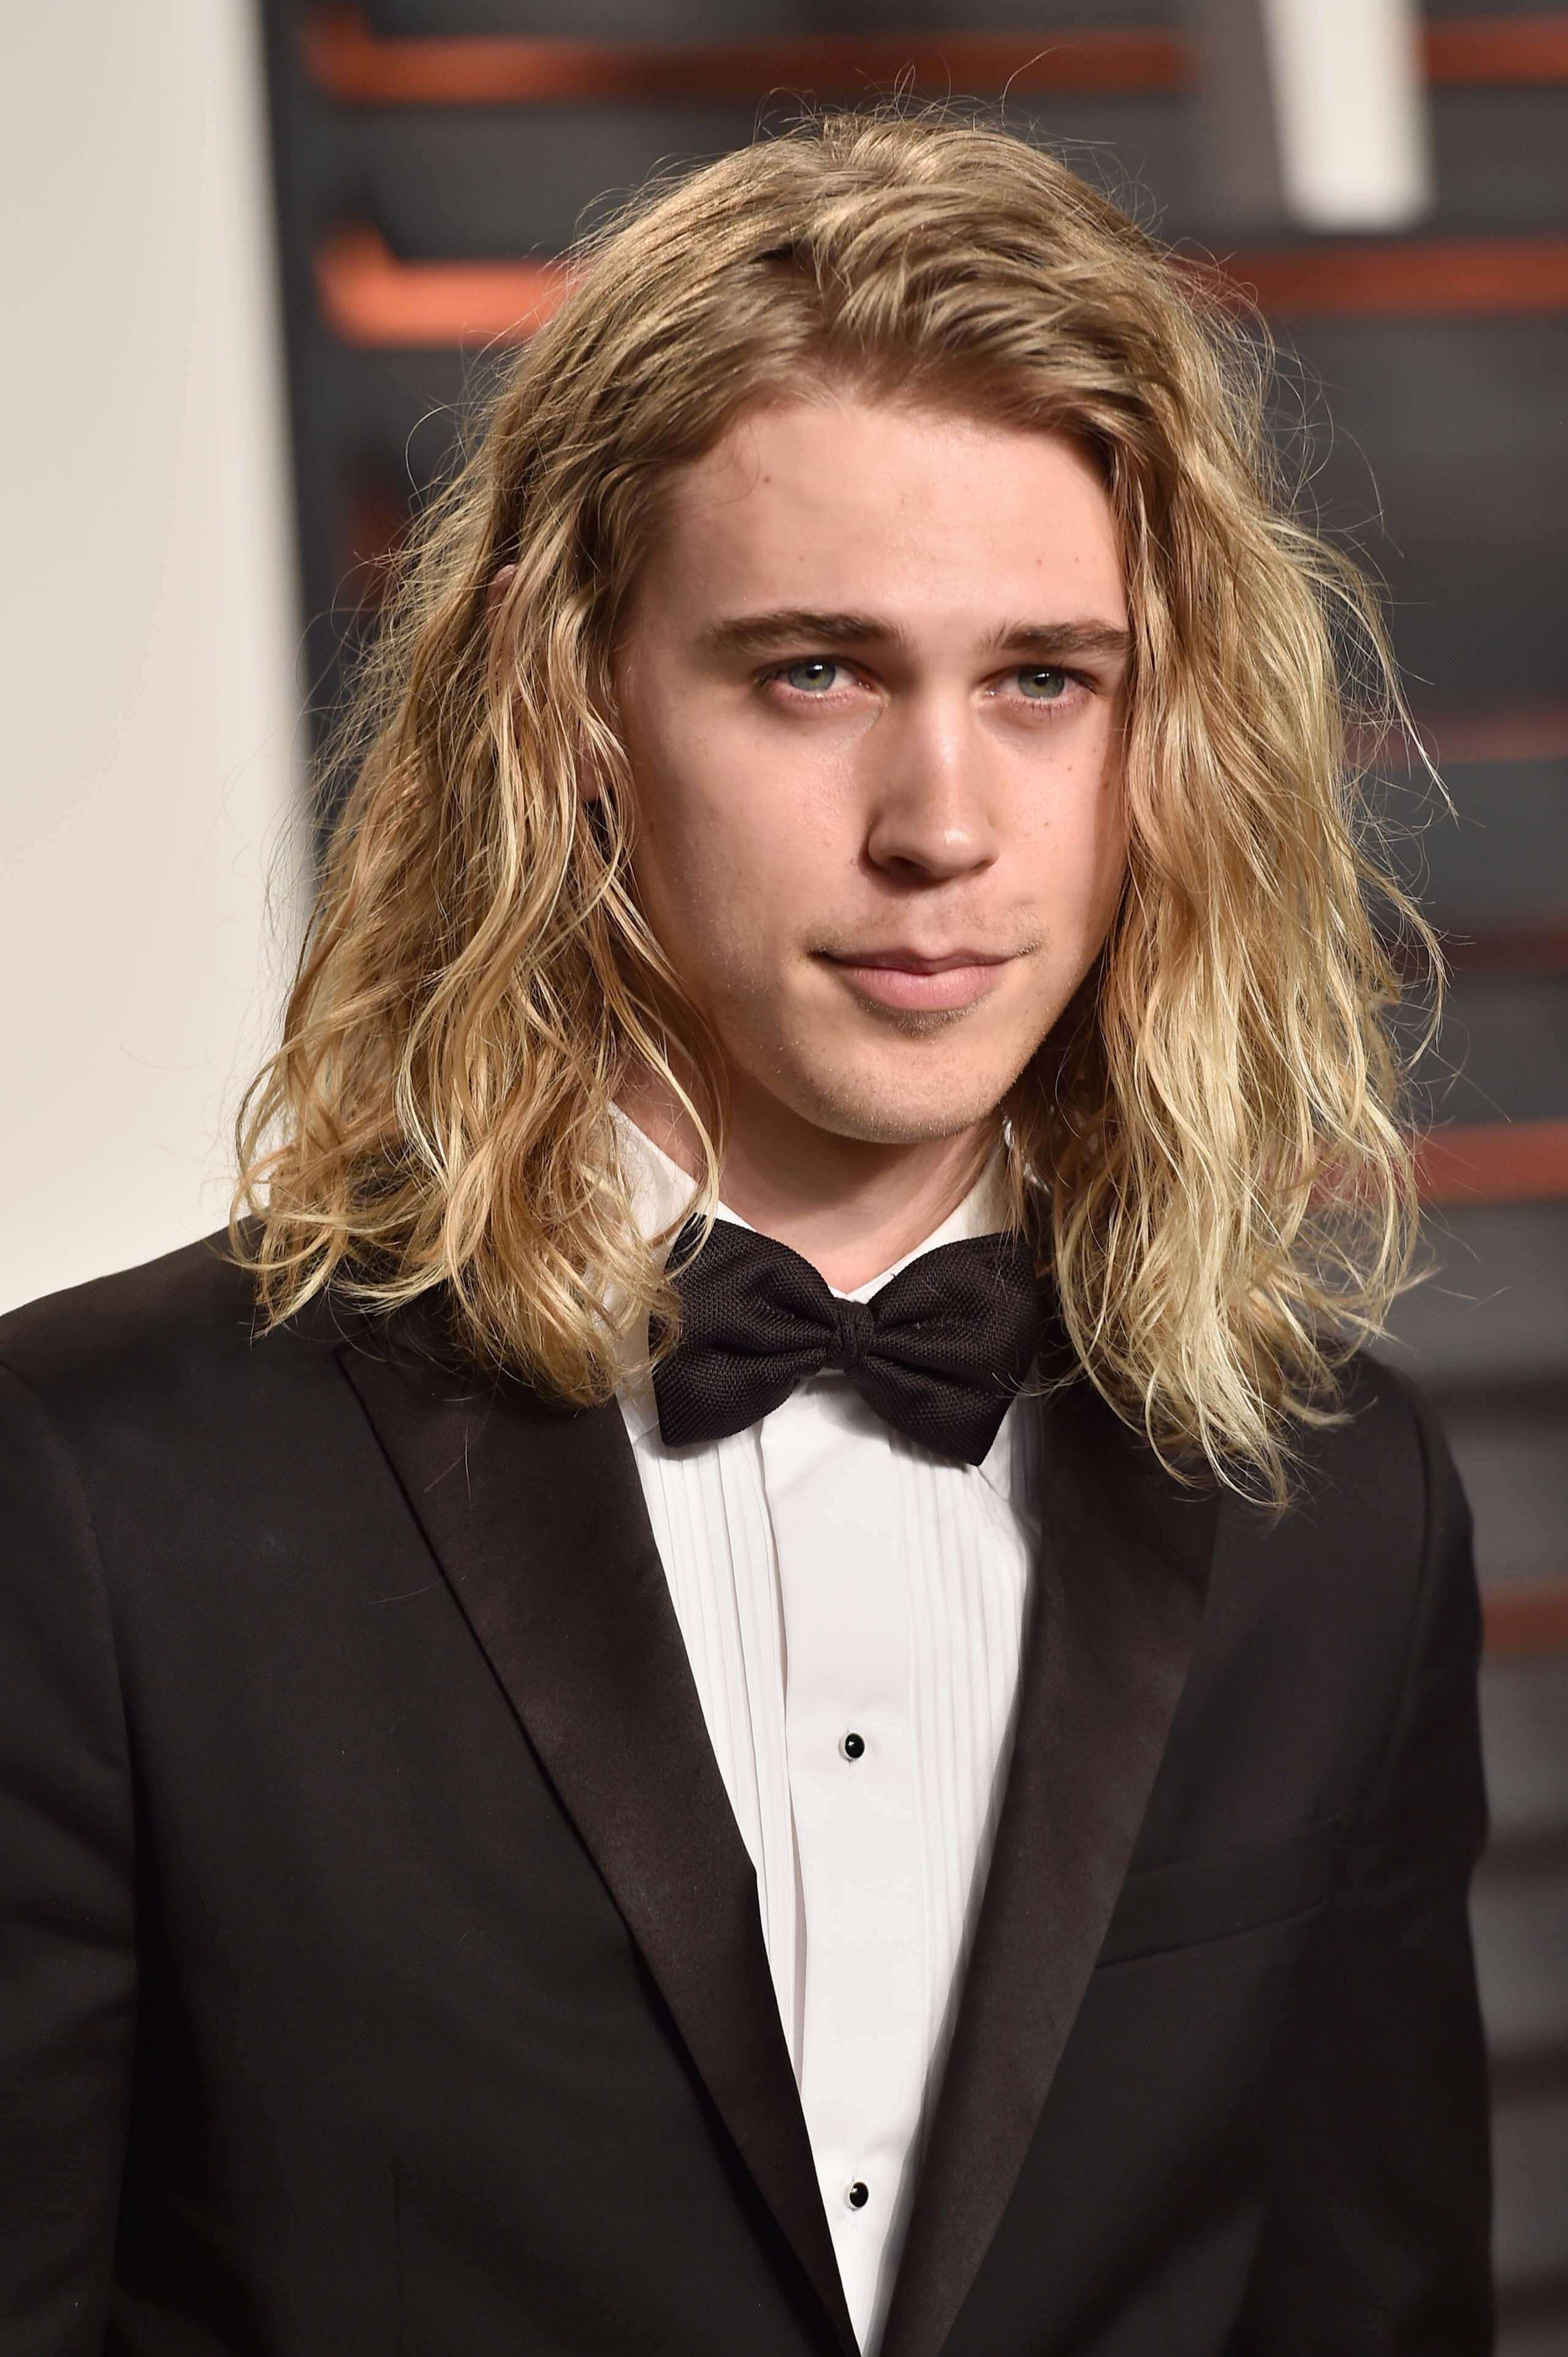 Austin Butler avec de longs cheveux blonds ondulés portant un smoking.